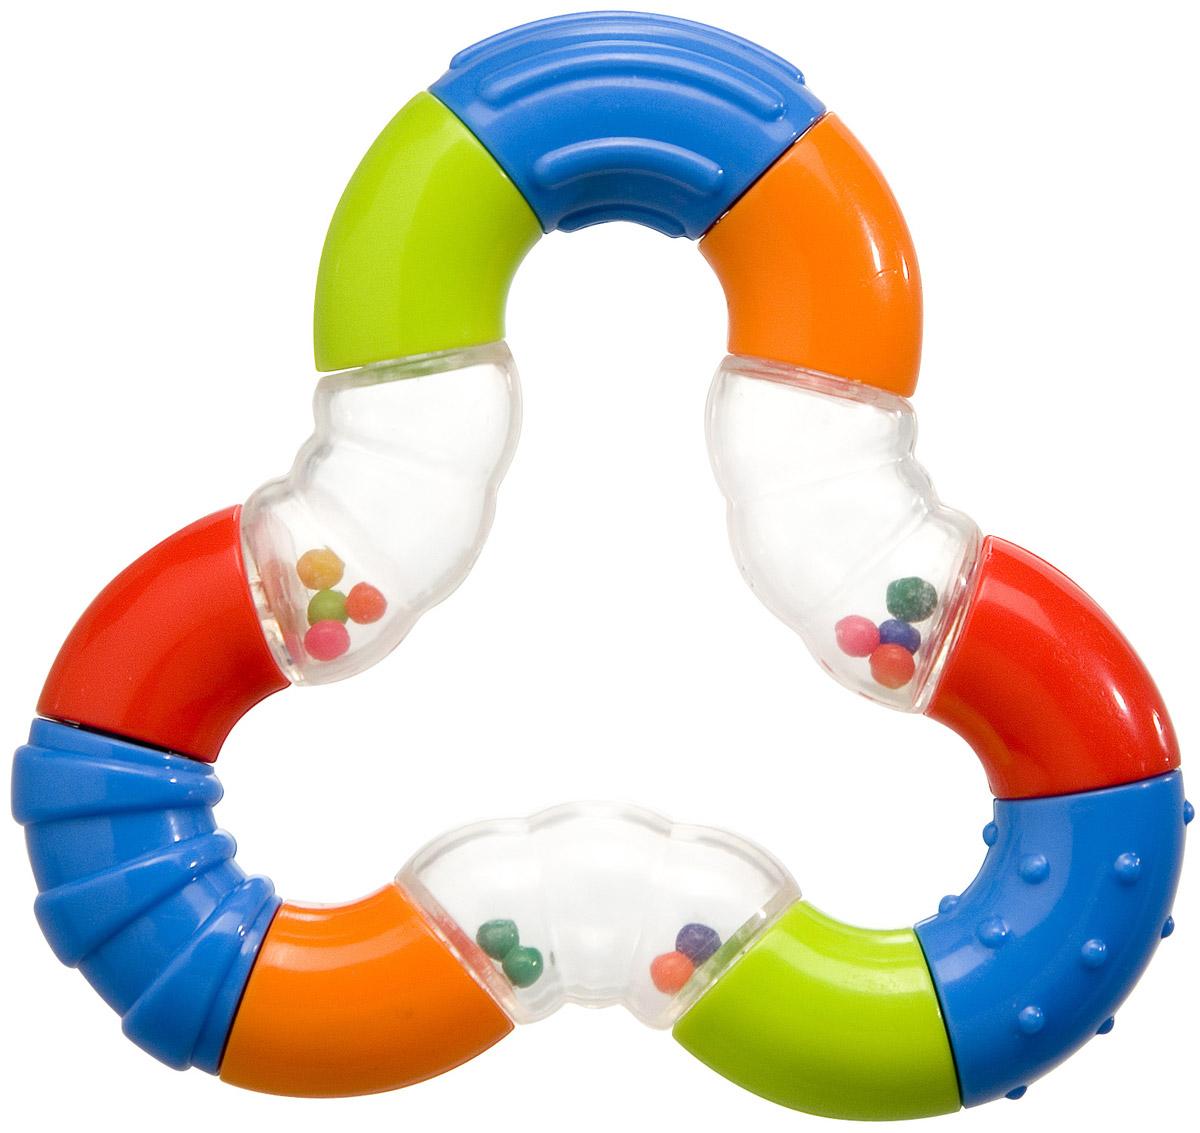 BabyOno Погремушка Магический треугольник665Погремушка BabyOno Магический треугольник развивает осязательные, зрительные и двигательные способности, учит причинно-следственным связям. Погремушка учит различать формы и цвета. Звуки погремушки развивают способность различать силу звука. Погремушка BabyOno Магический треугольник развивает моторику и мануальные способности ребенка, навыки захвата ладонью и перекладывания предметов из руки в руку. Легкая конструкция и форма погремушки рассчитаны для маленьких ручек ребенка. Товар сертифицирован.